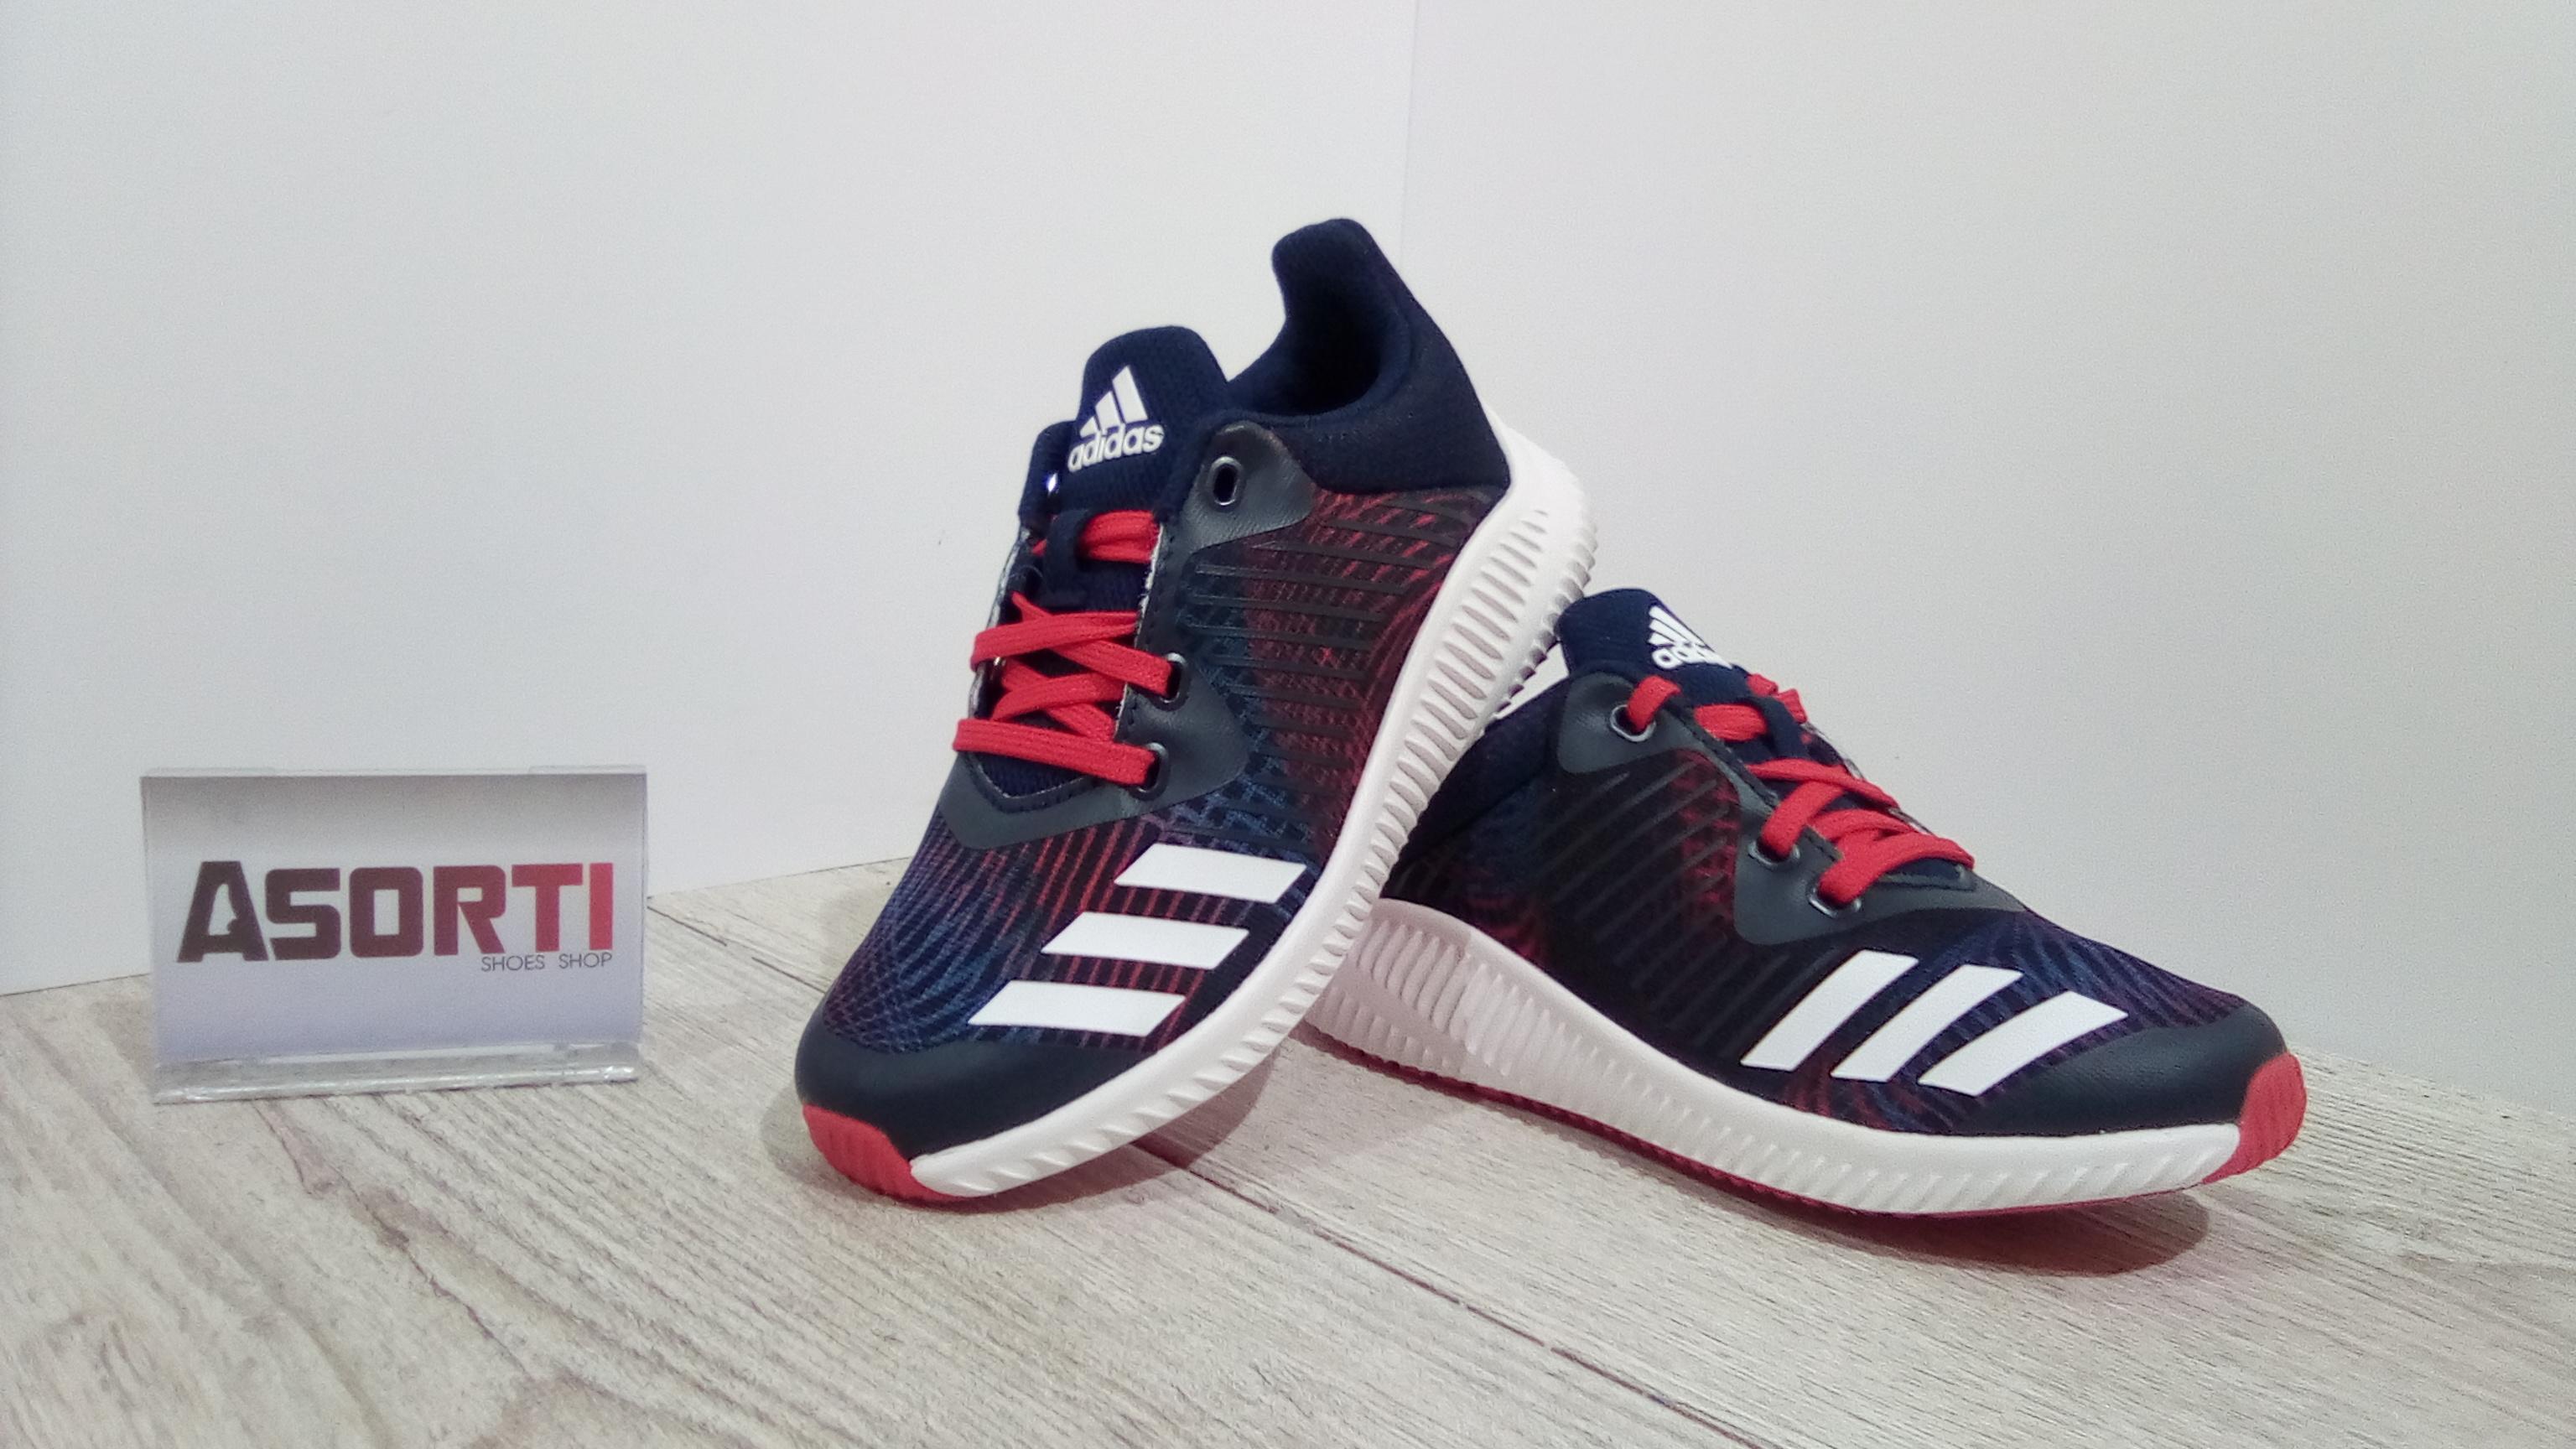 0aecfe0c9 Детские кроссовки для бега Adidas Fortarun K (CP9994) темно-синие ...